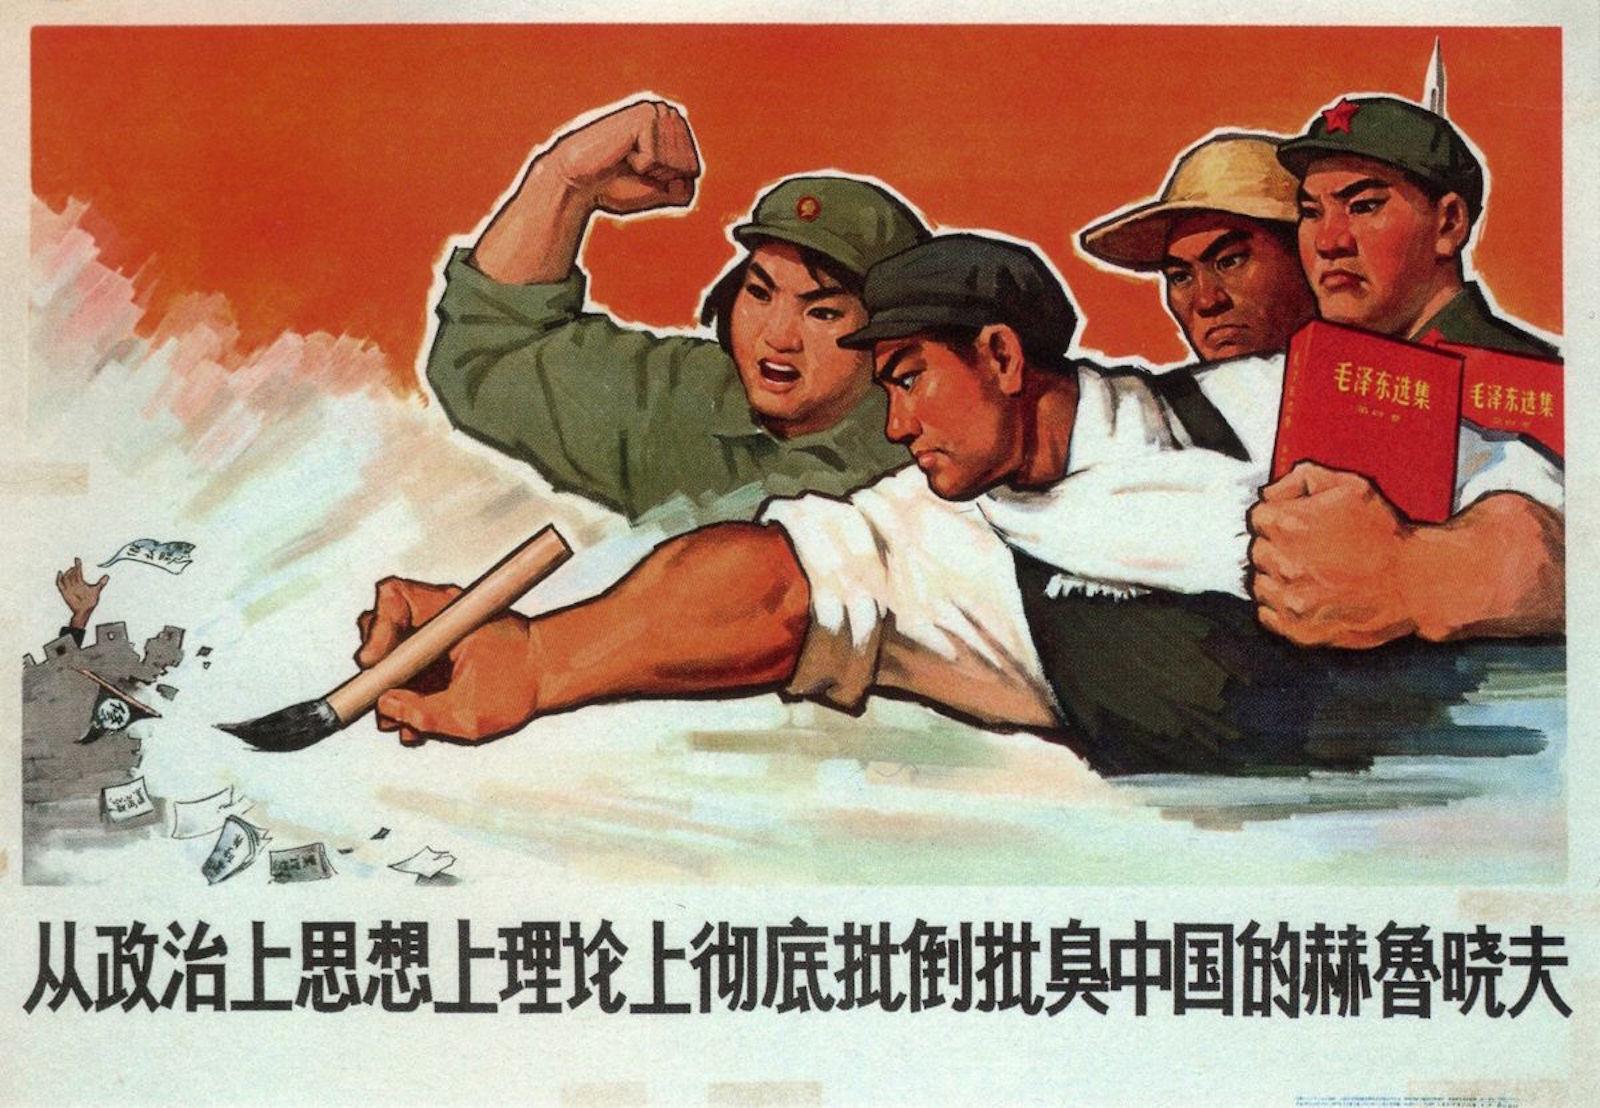 китайский плакат, пропаганда